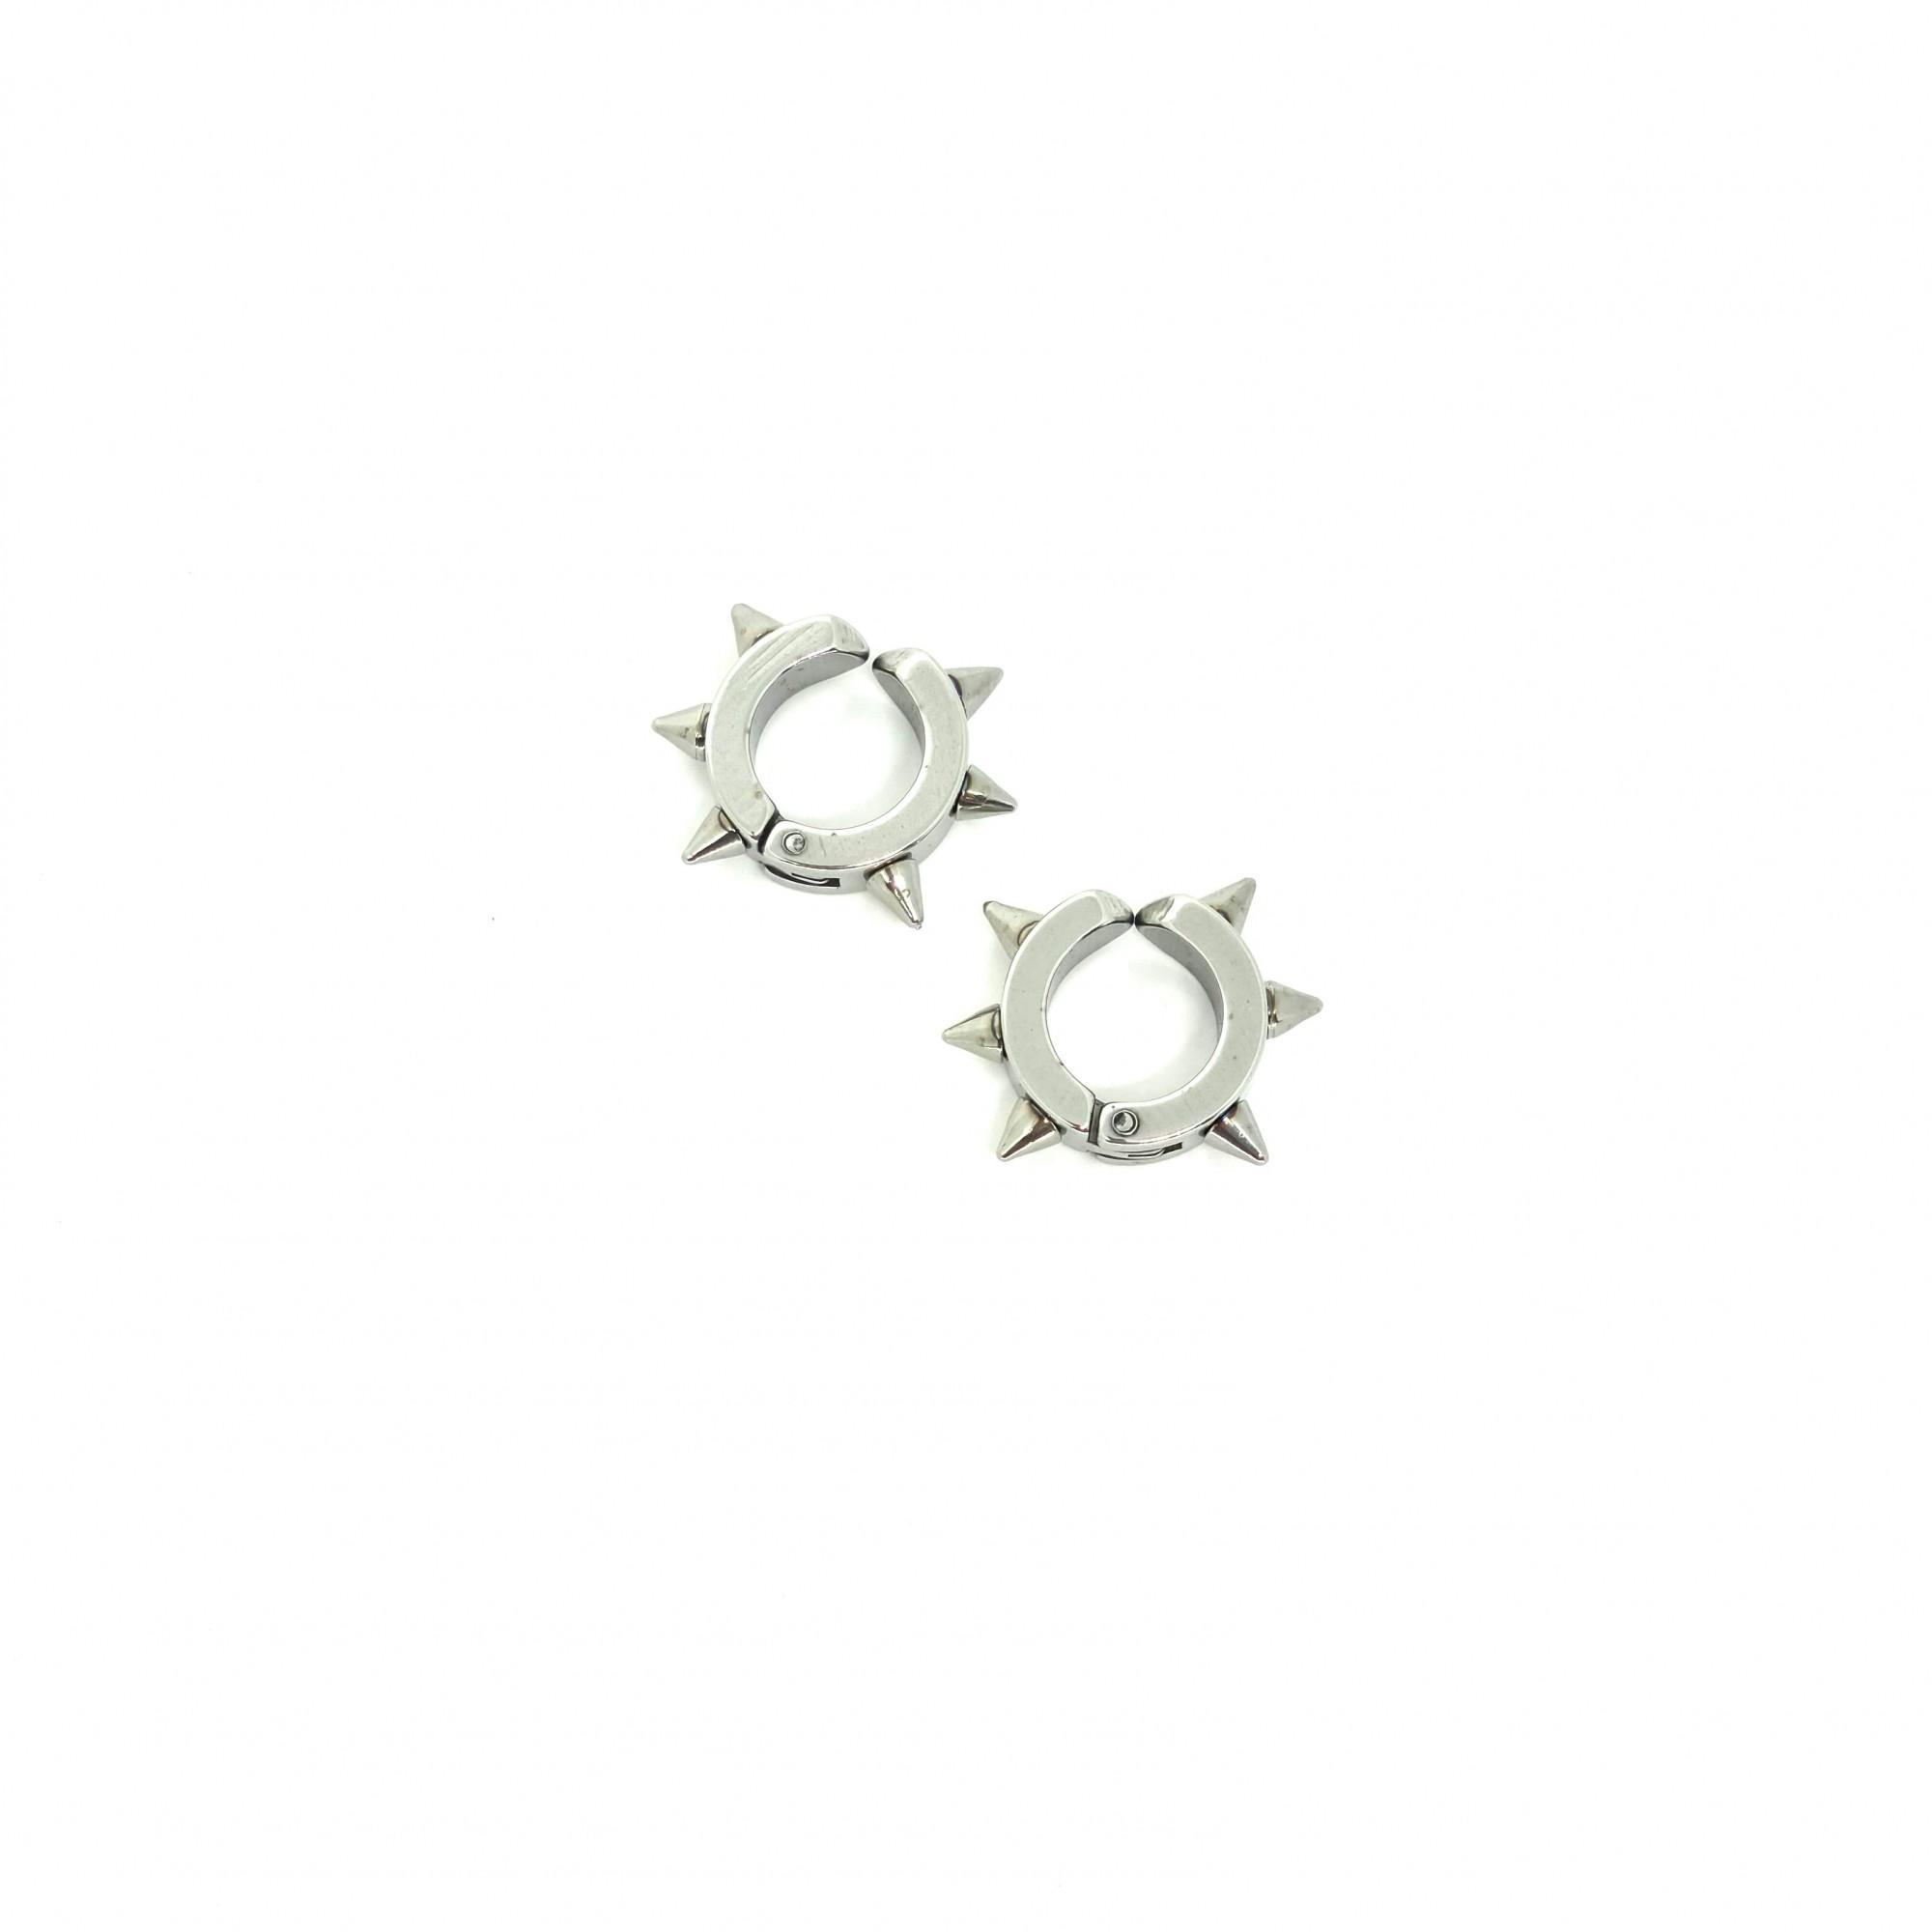 Brinco Masculino de Pressão Aço Inox Ring Spike